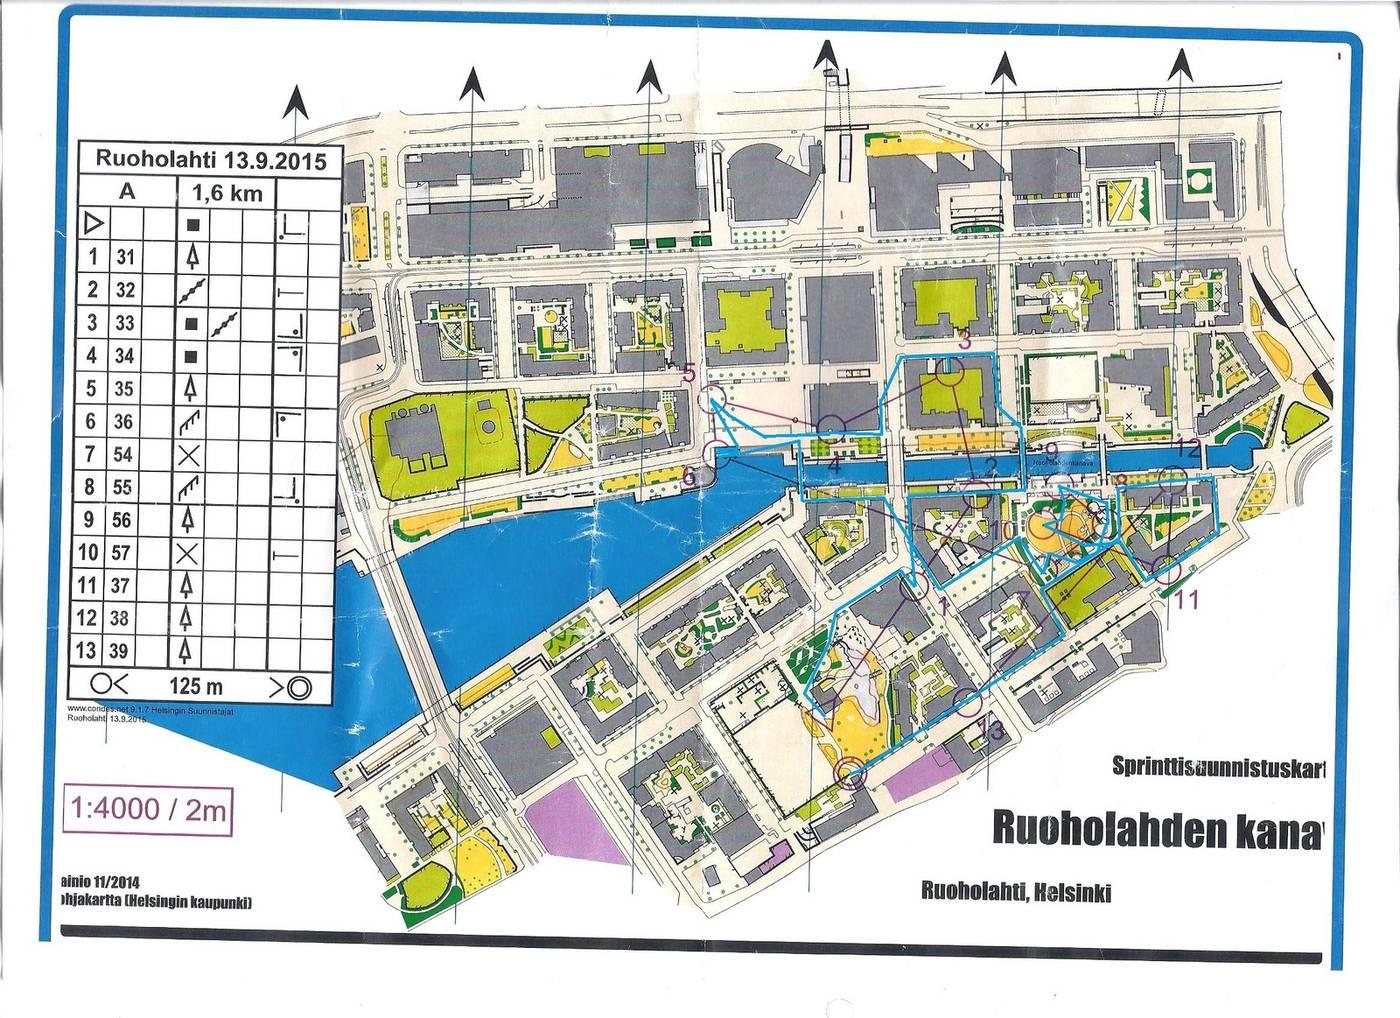 My Doma Digitaalinen Kartta Arkisto Ruoholahti A 13 09 2015